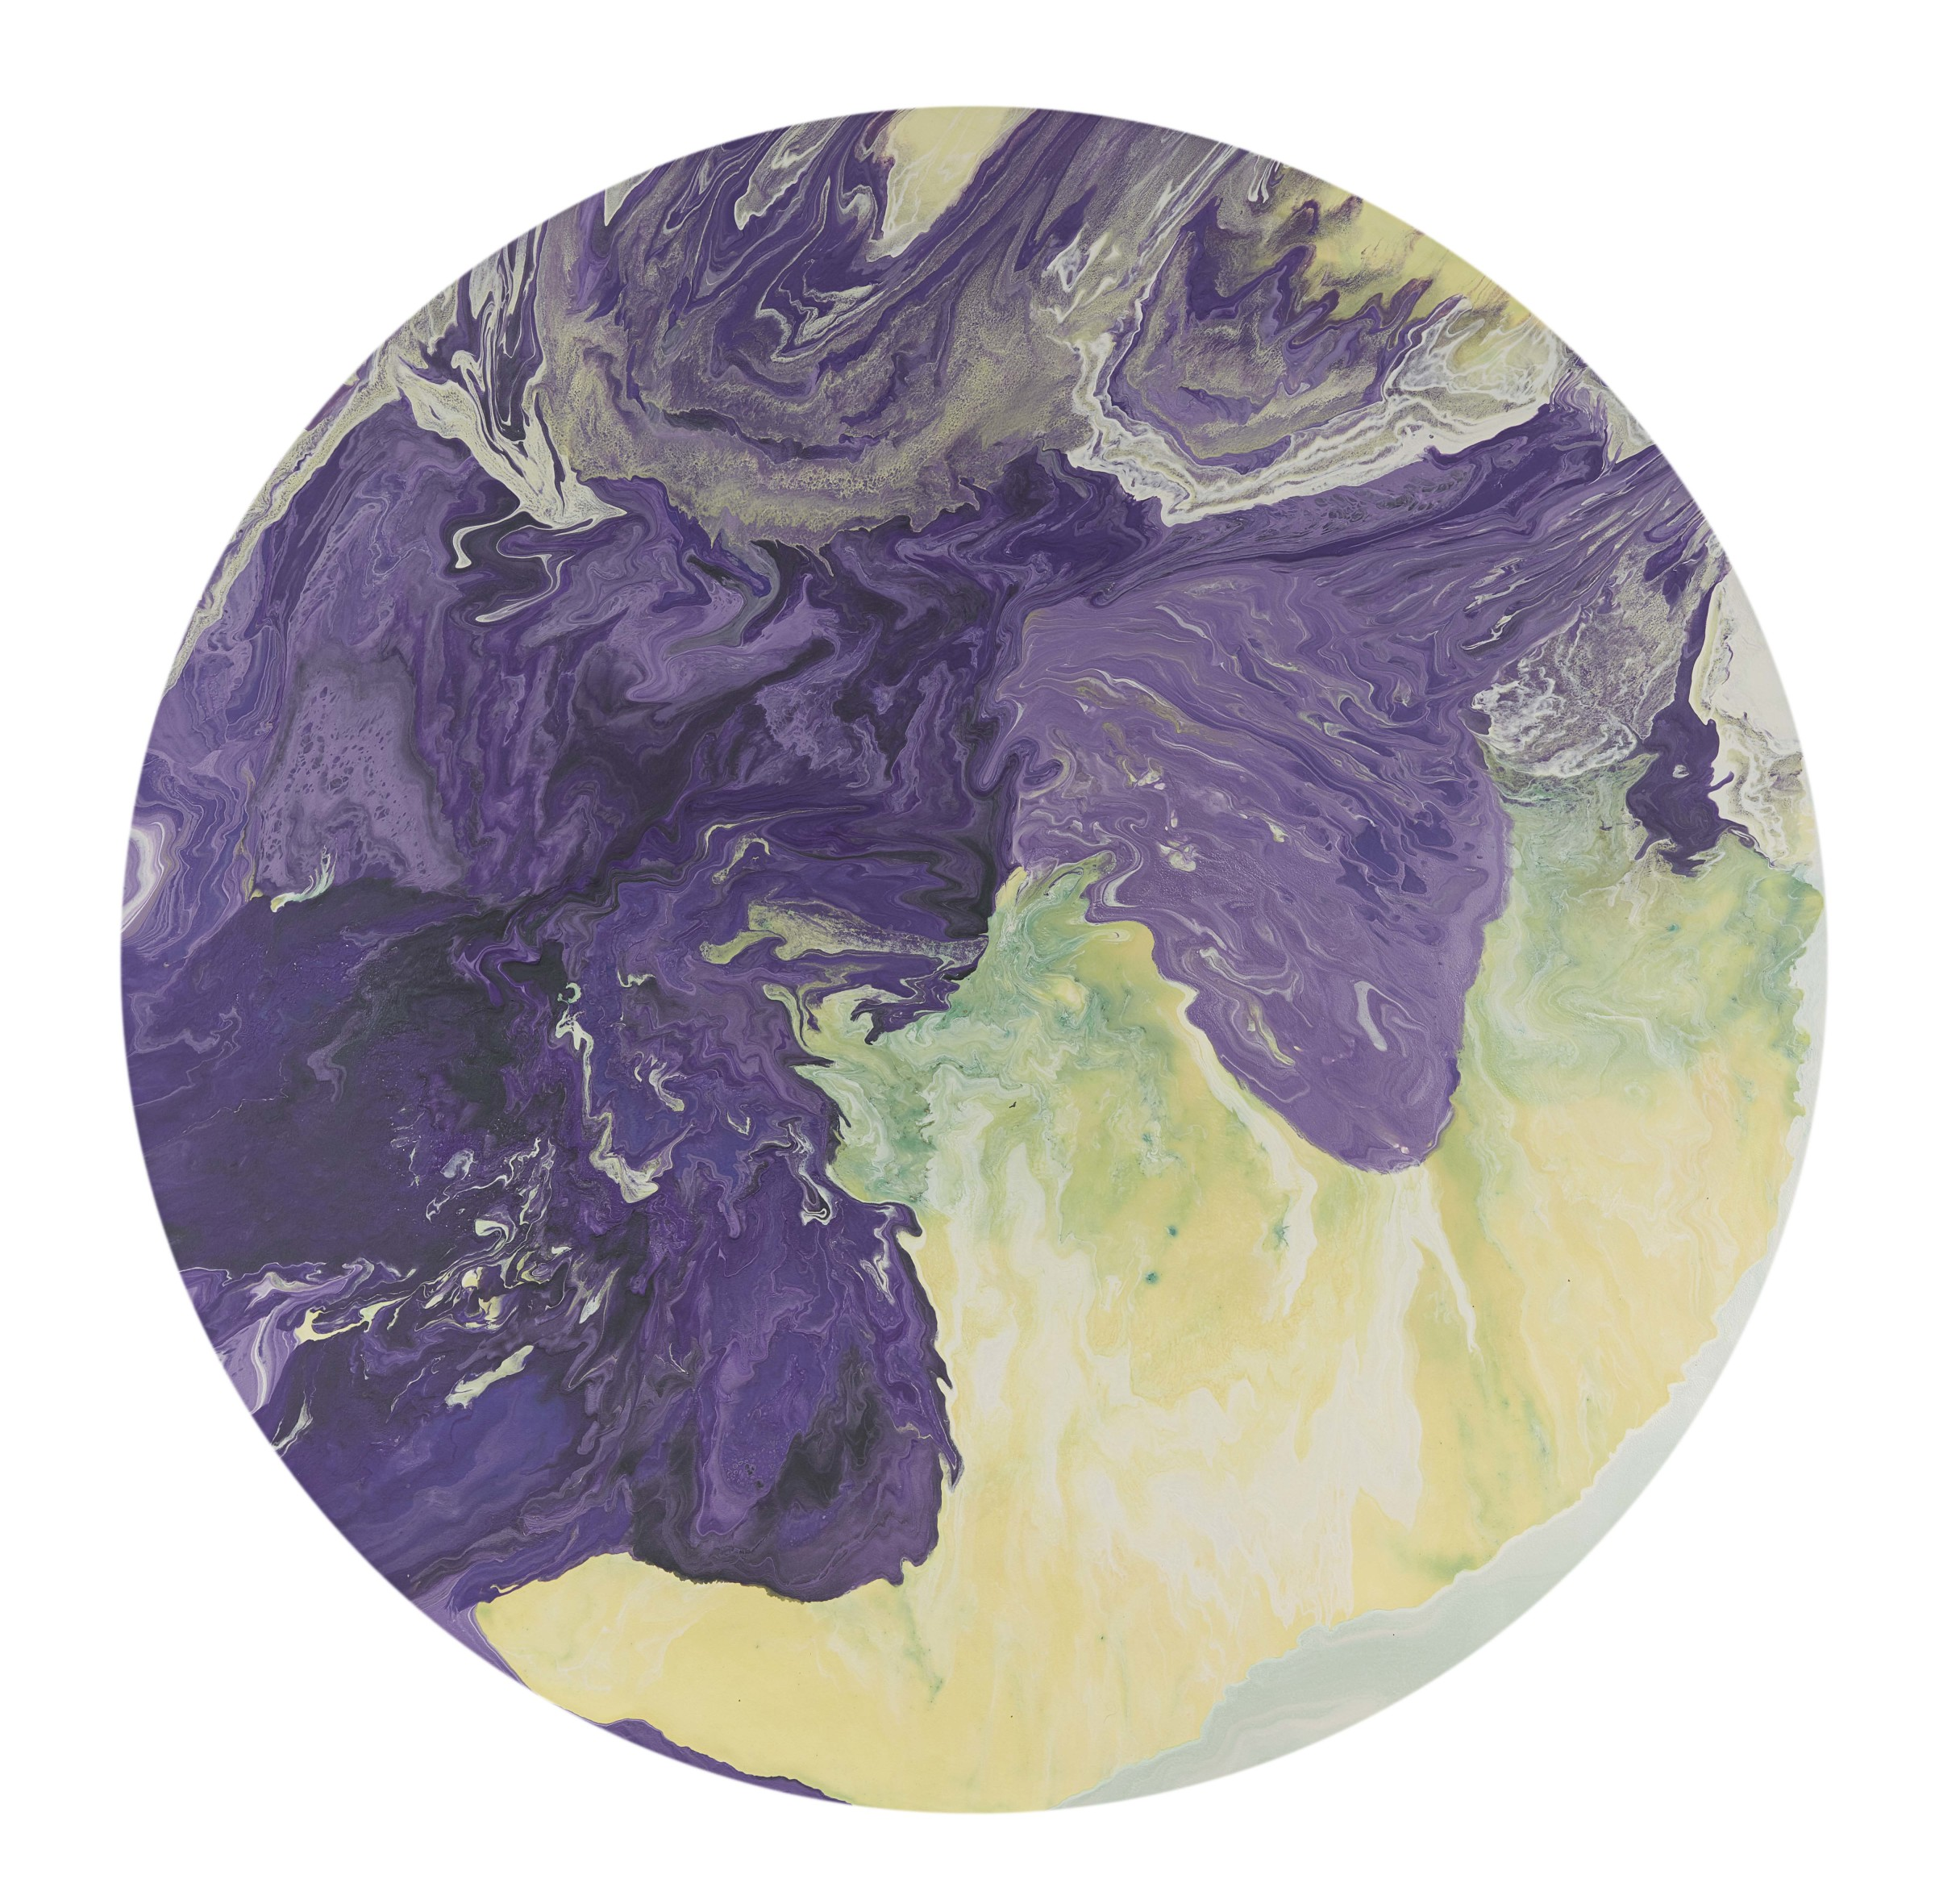 <span class=&#34;link fancybox-details-link&#34;><a href=&#34;/artists/66-elsa-duault/works/5726-elsa-duault-lunar-composition-ii-2018/&#34;>View Detail Page</a></span><div class=&#34;artist&#34;><strong>Elsa Duault</strong></div> <div class=&#34;title&#34;><em>Lunar Composition II</em>, 2018</div> <div class=&#34;medium&#34;>Acrylic on Canvas</div> <div class=&#34;dimensions&#34;>160cm diameter<br /> </div><div class=&#34;copyright_line&#34;>Copyright The Artist</div>